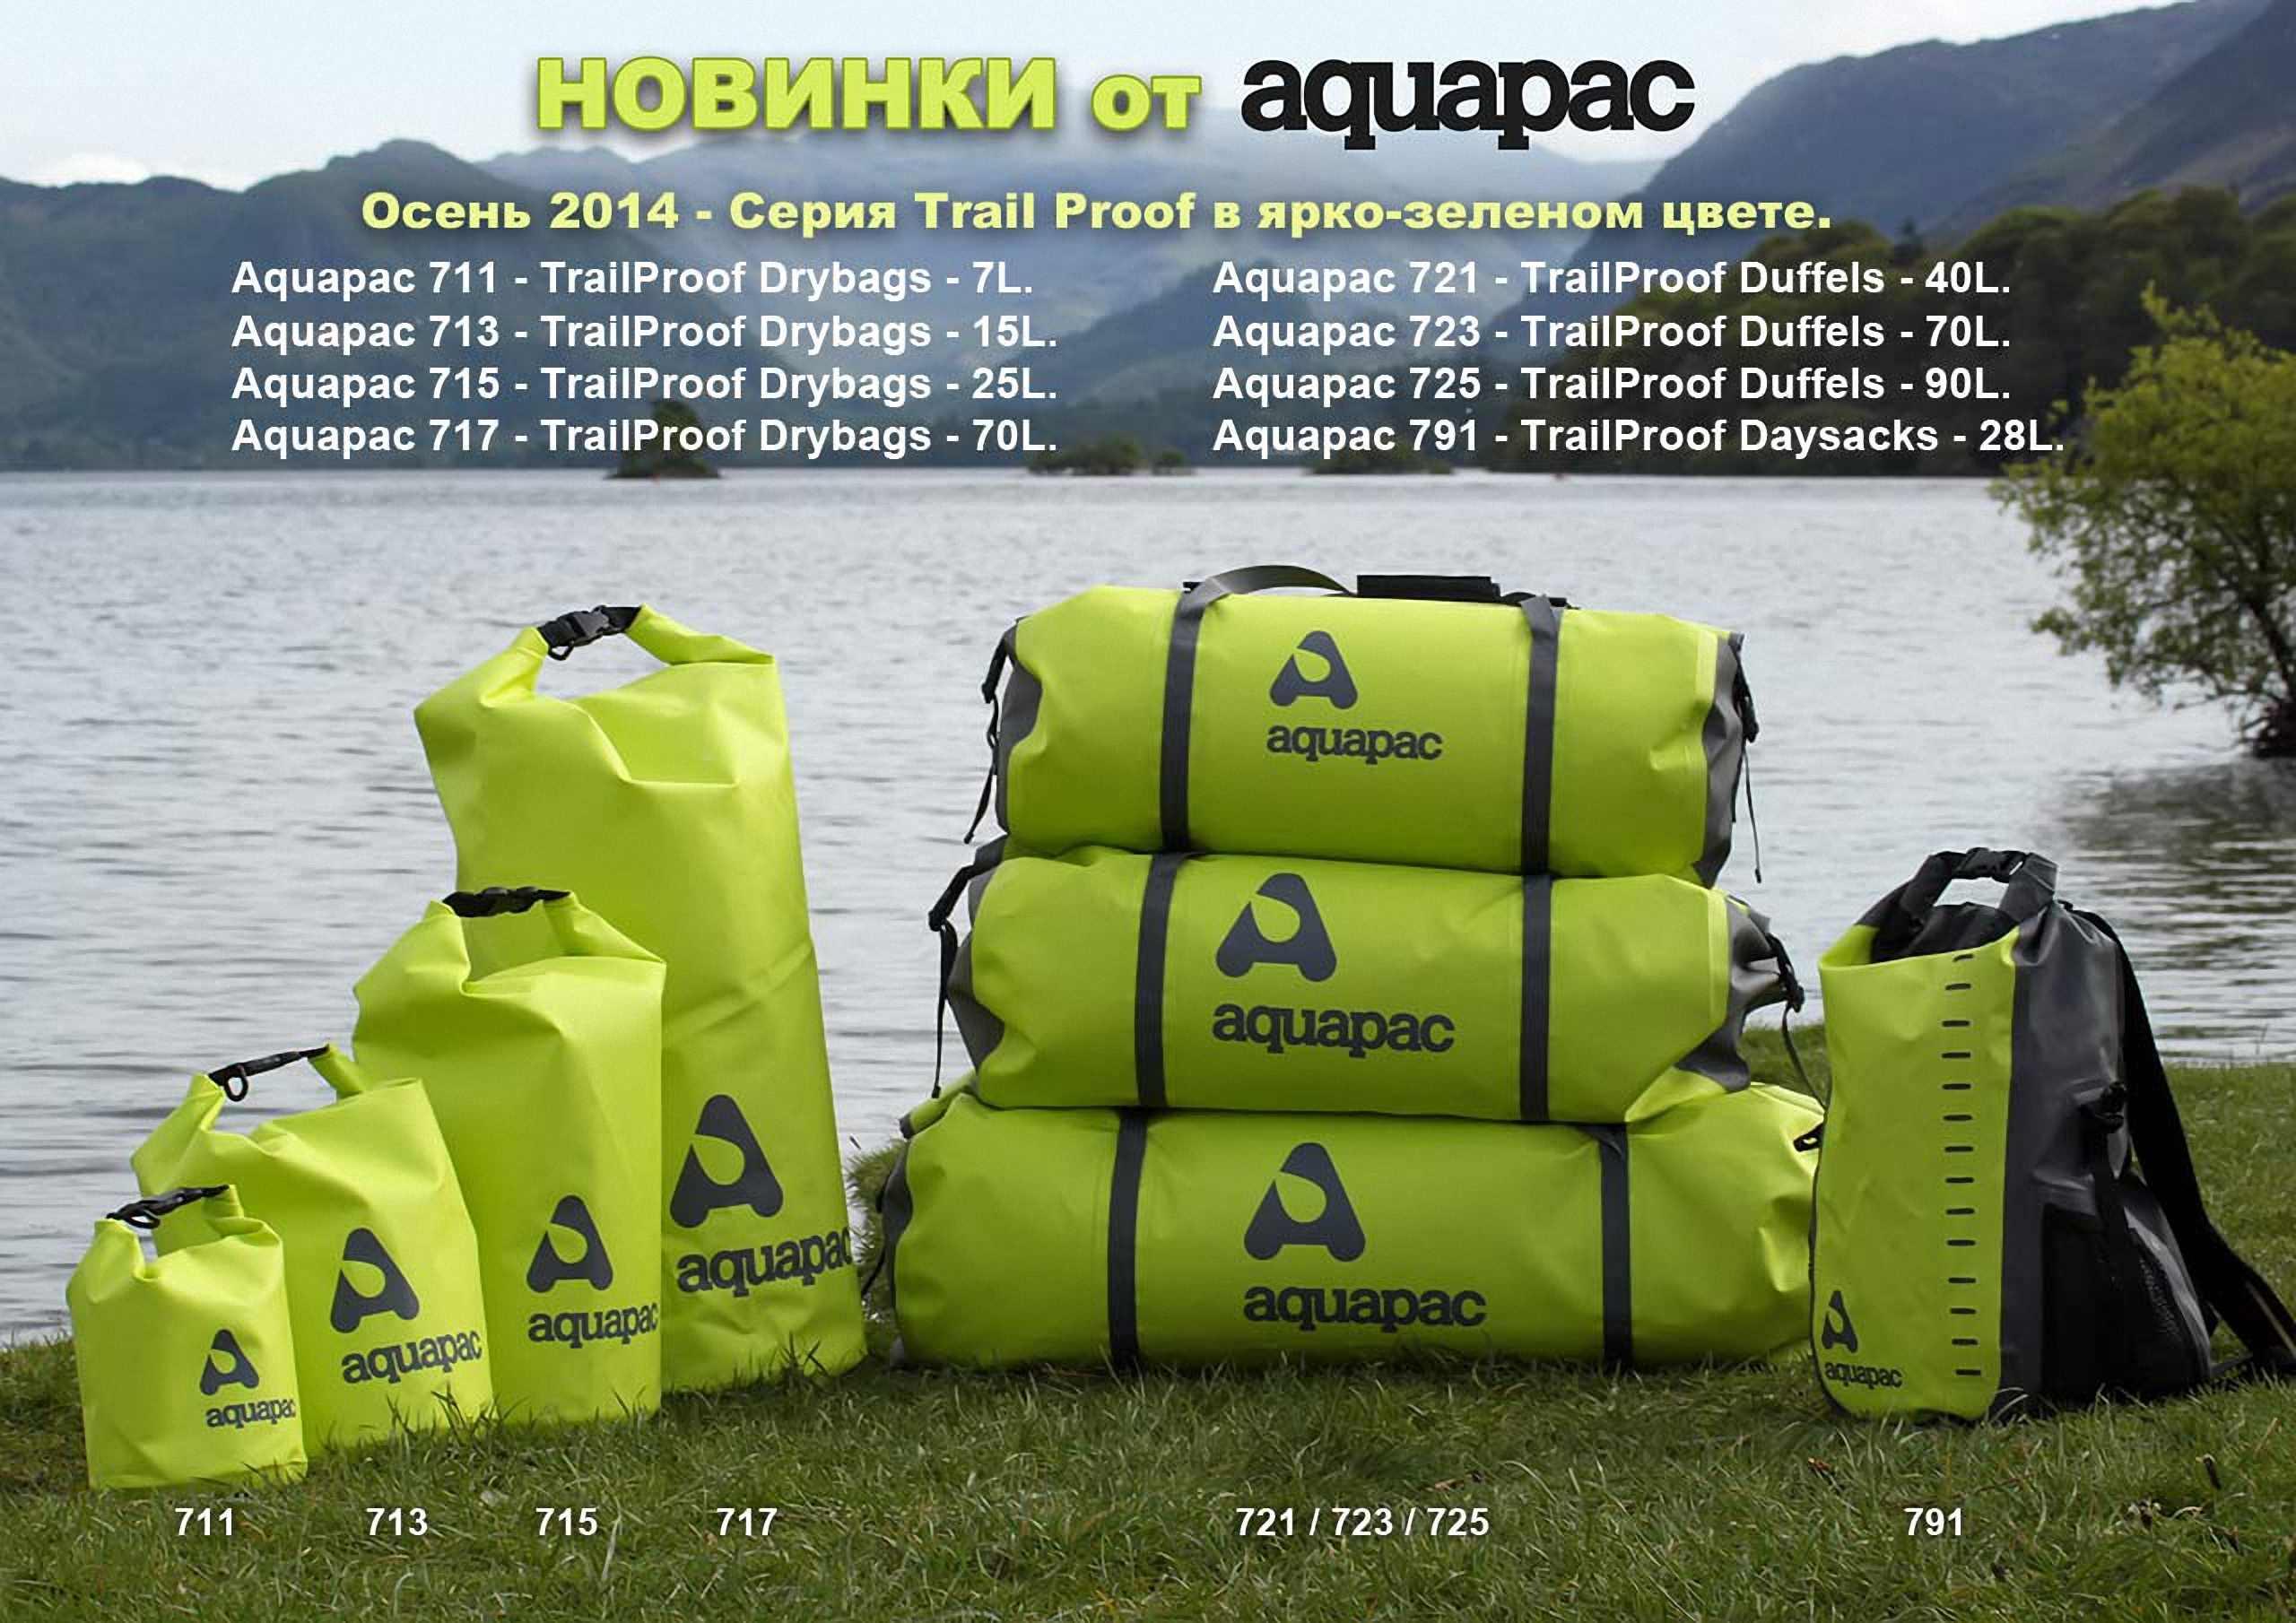 Водонепроницаемый гермомешок Aquapac 717 - TrailProof  Drybags - 70L.. Aquapac - №1 в мире водонепроницаемых чехлов и сумок. Фото 8